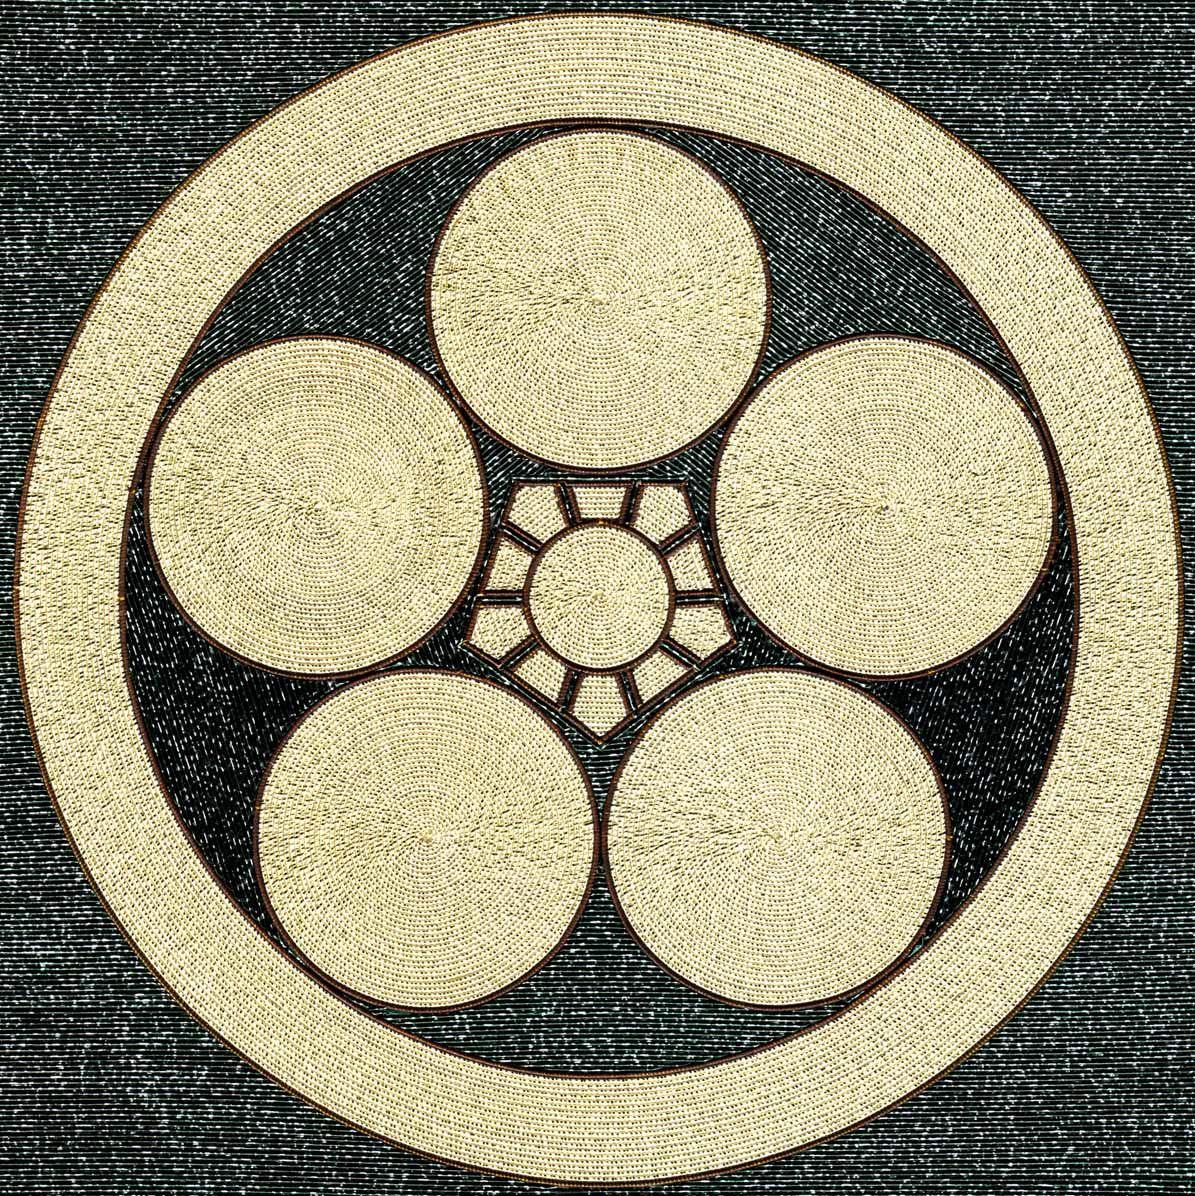 丸に梅鉢 丸テーブル5つと五角形のテーブル1つを組み合わせて梅の花を